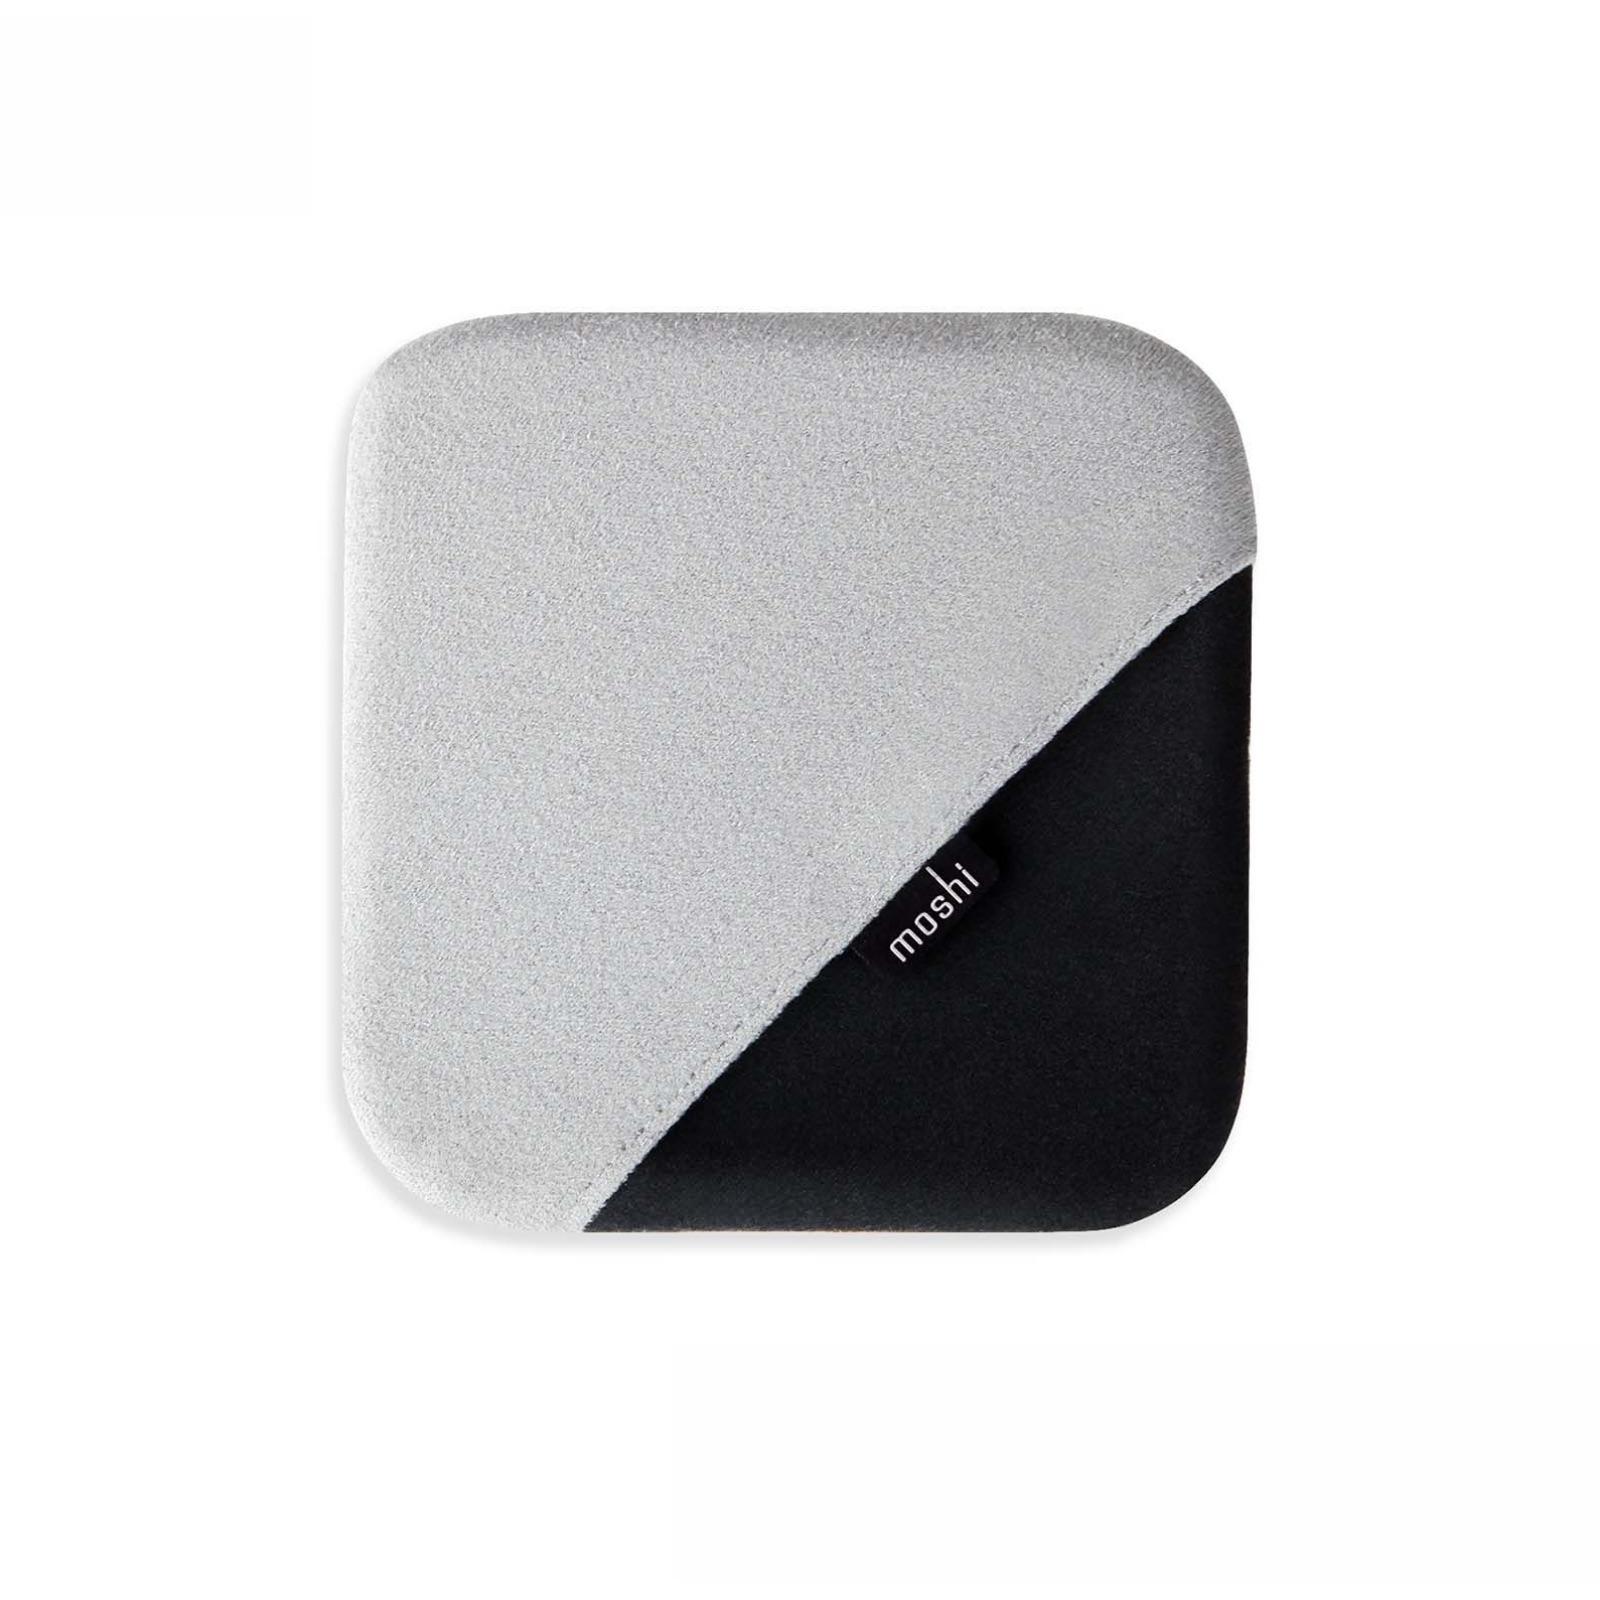 TeraGlove Microfiber Screen Cleaner-image